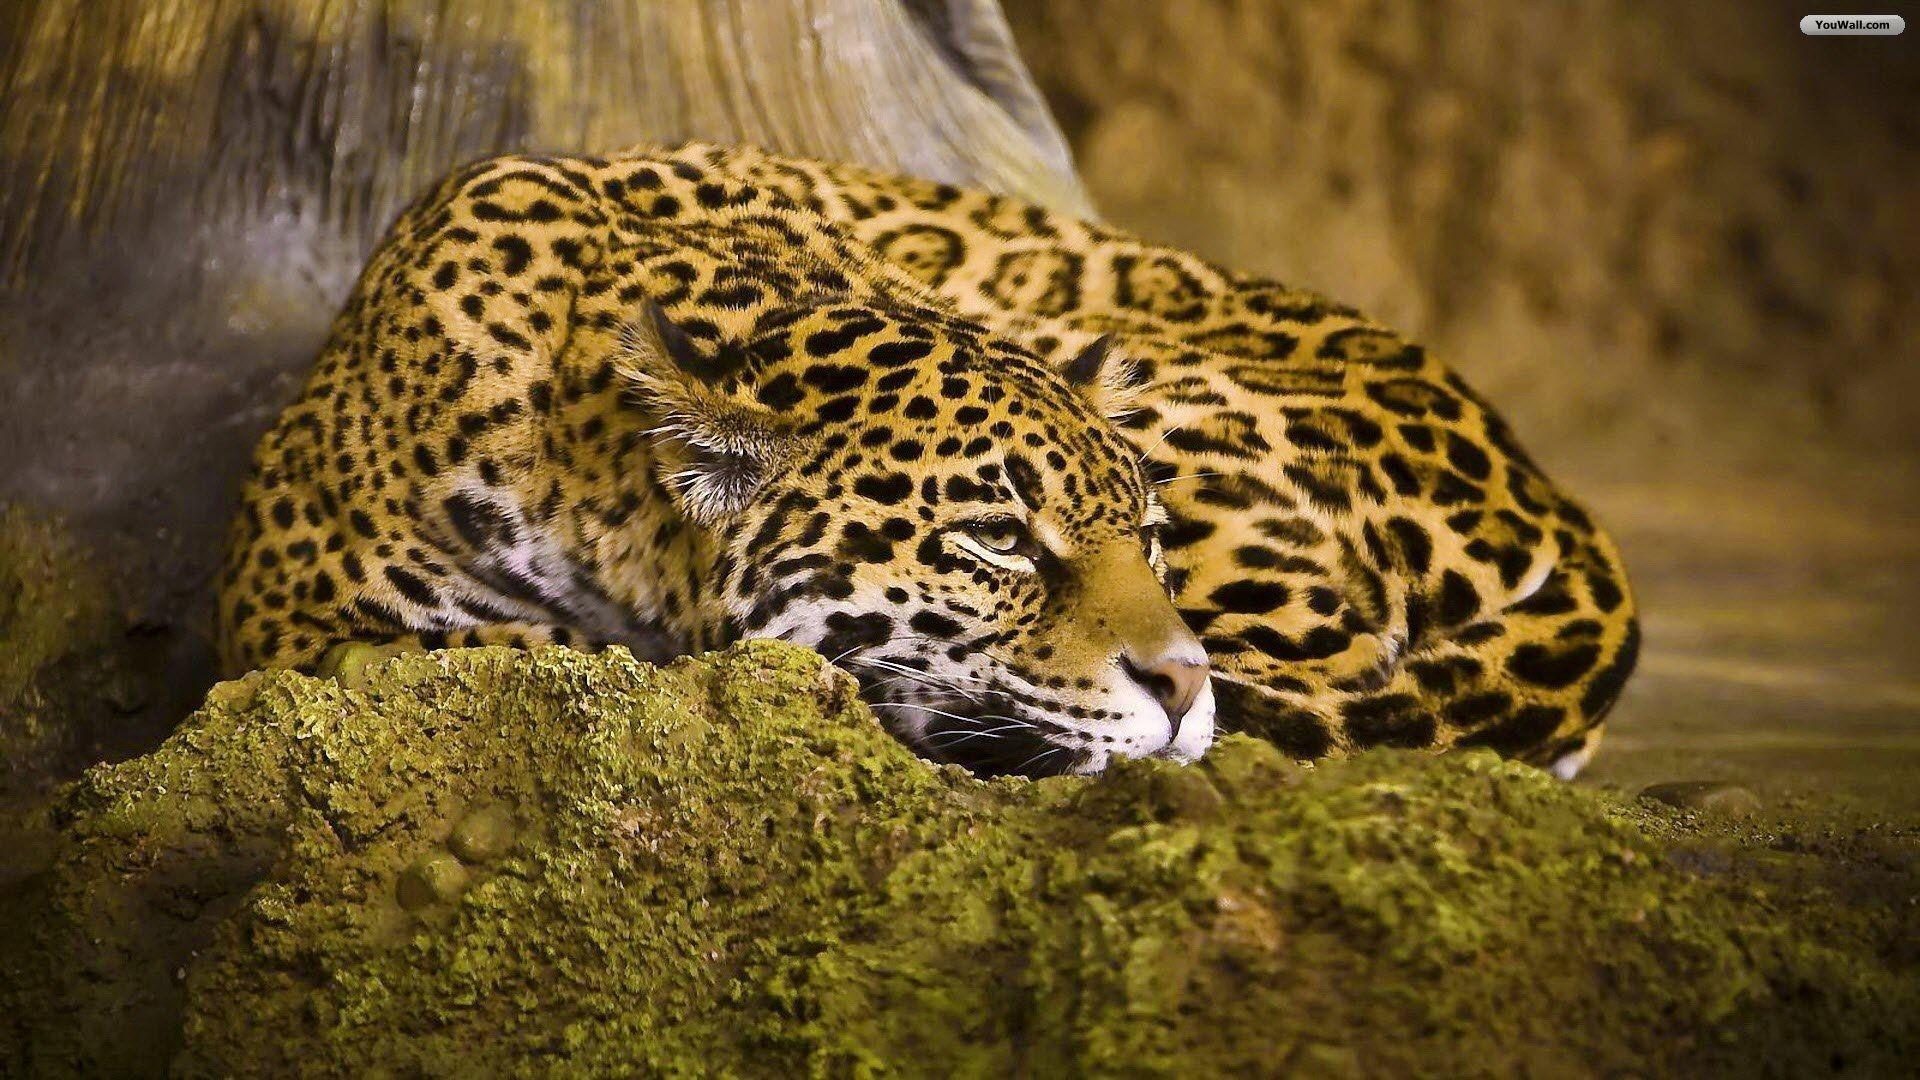 Jaguar Mobile Wallpapers